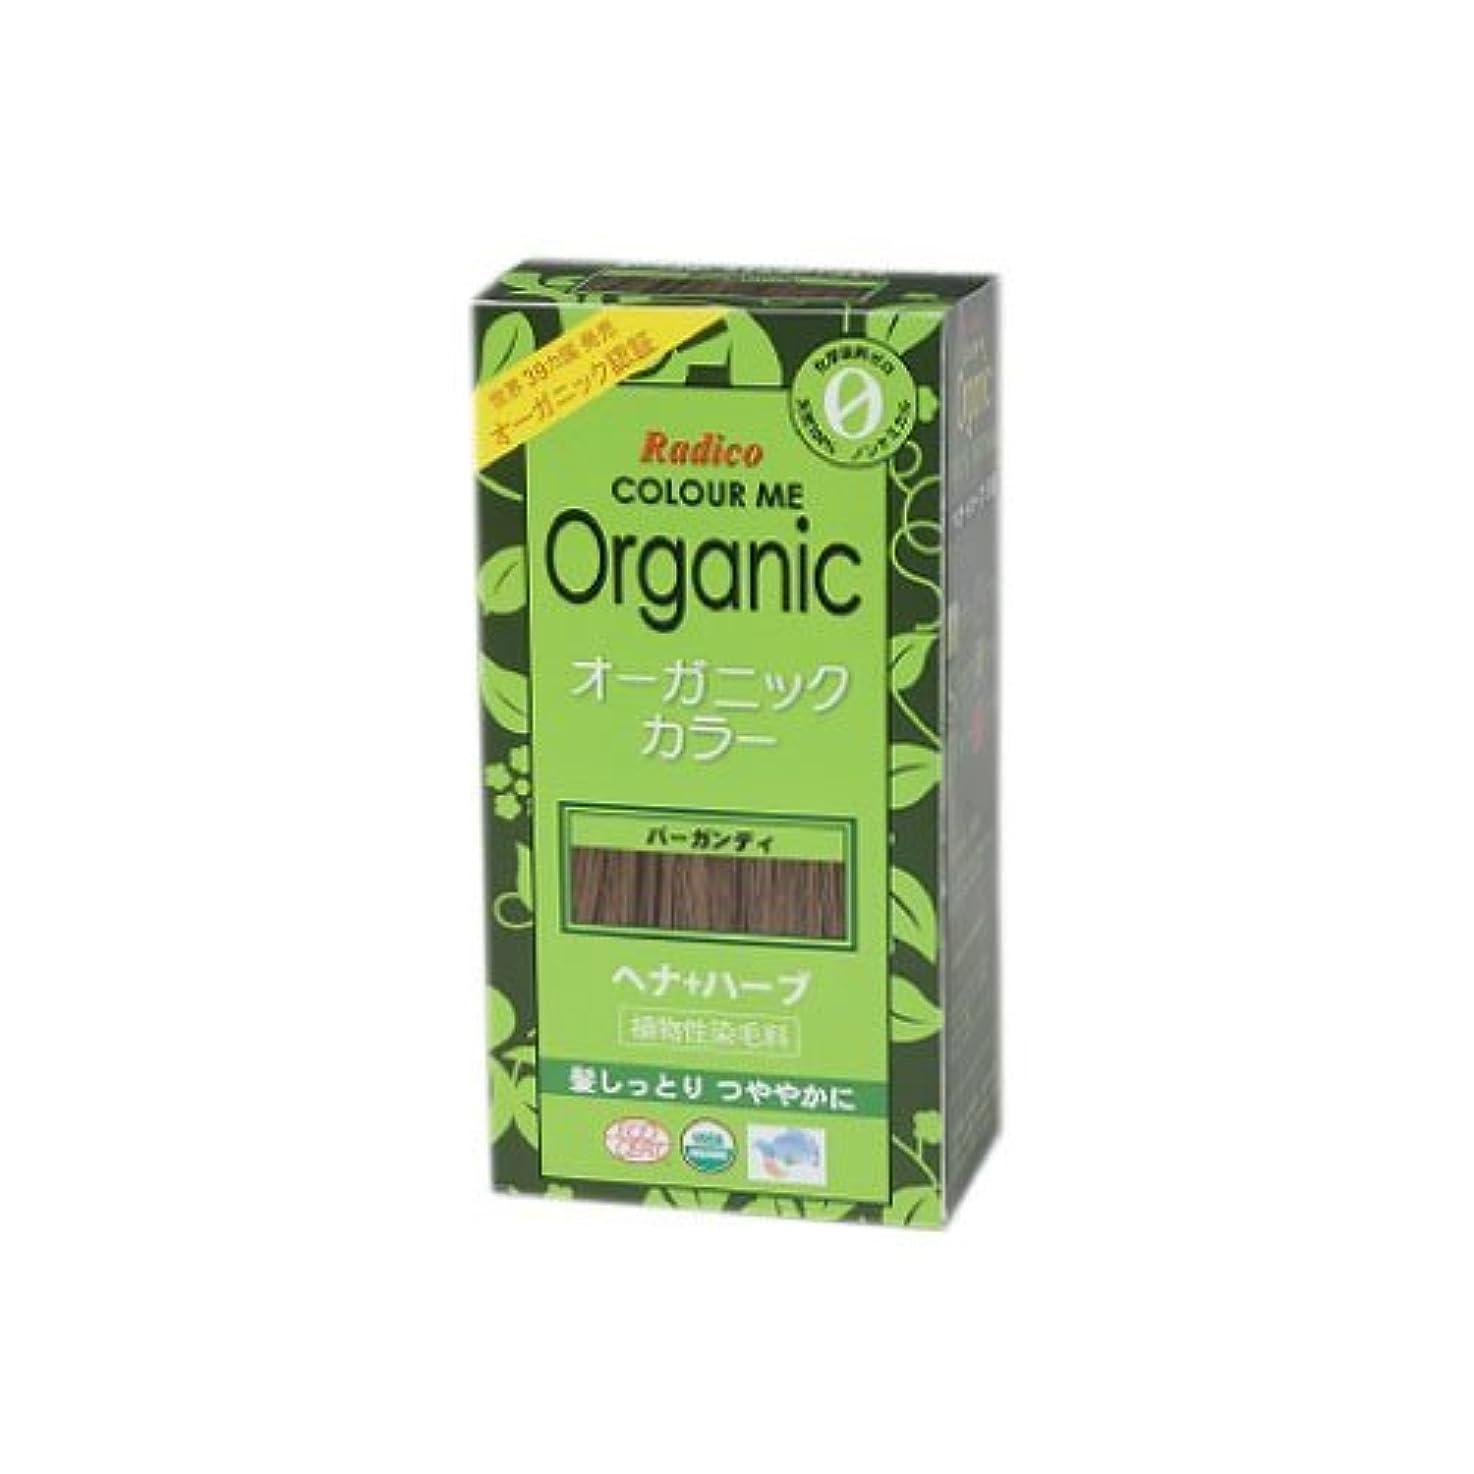 ストライドタクシー消費者COLOURME Organic (カラーミーオーガニック ヘナ 白髪用) バーガンディ 100g